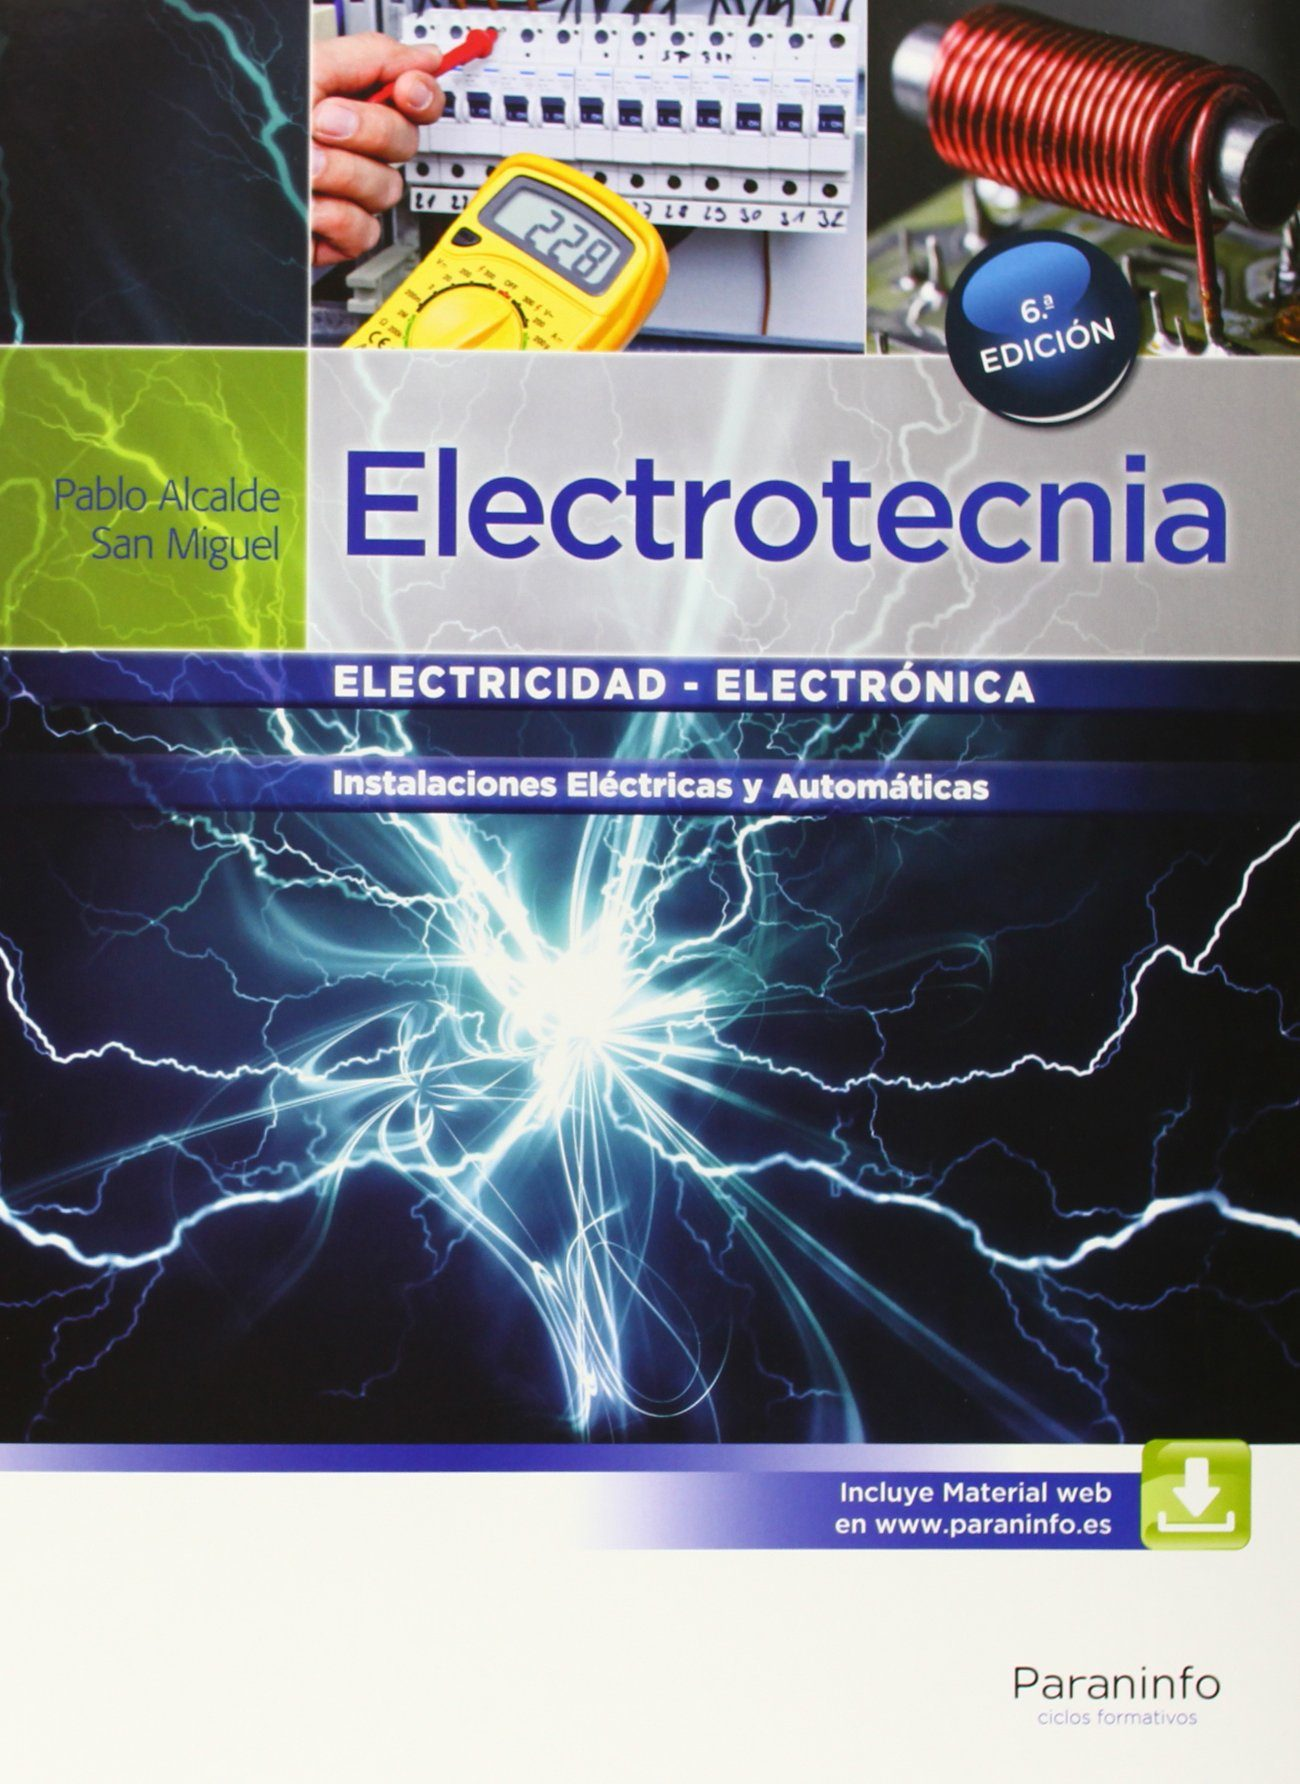 Electrotecnia pablo alcalde sanmiguel